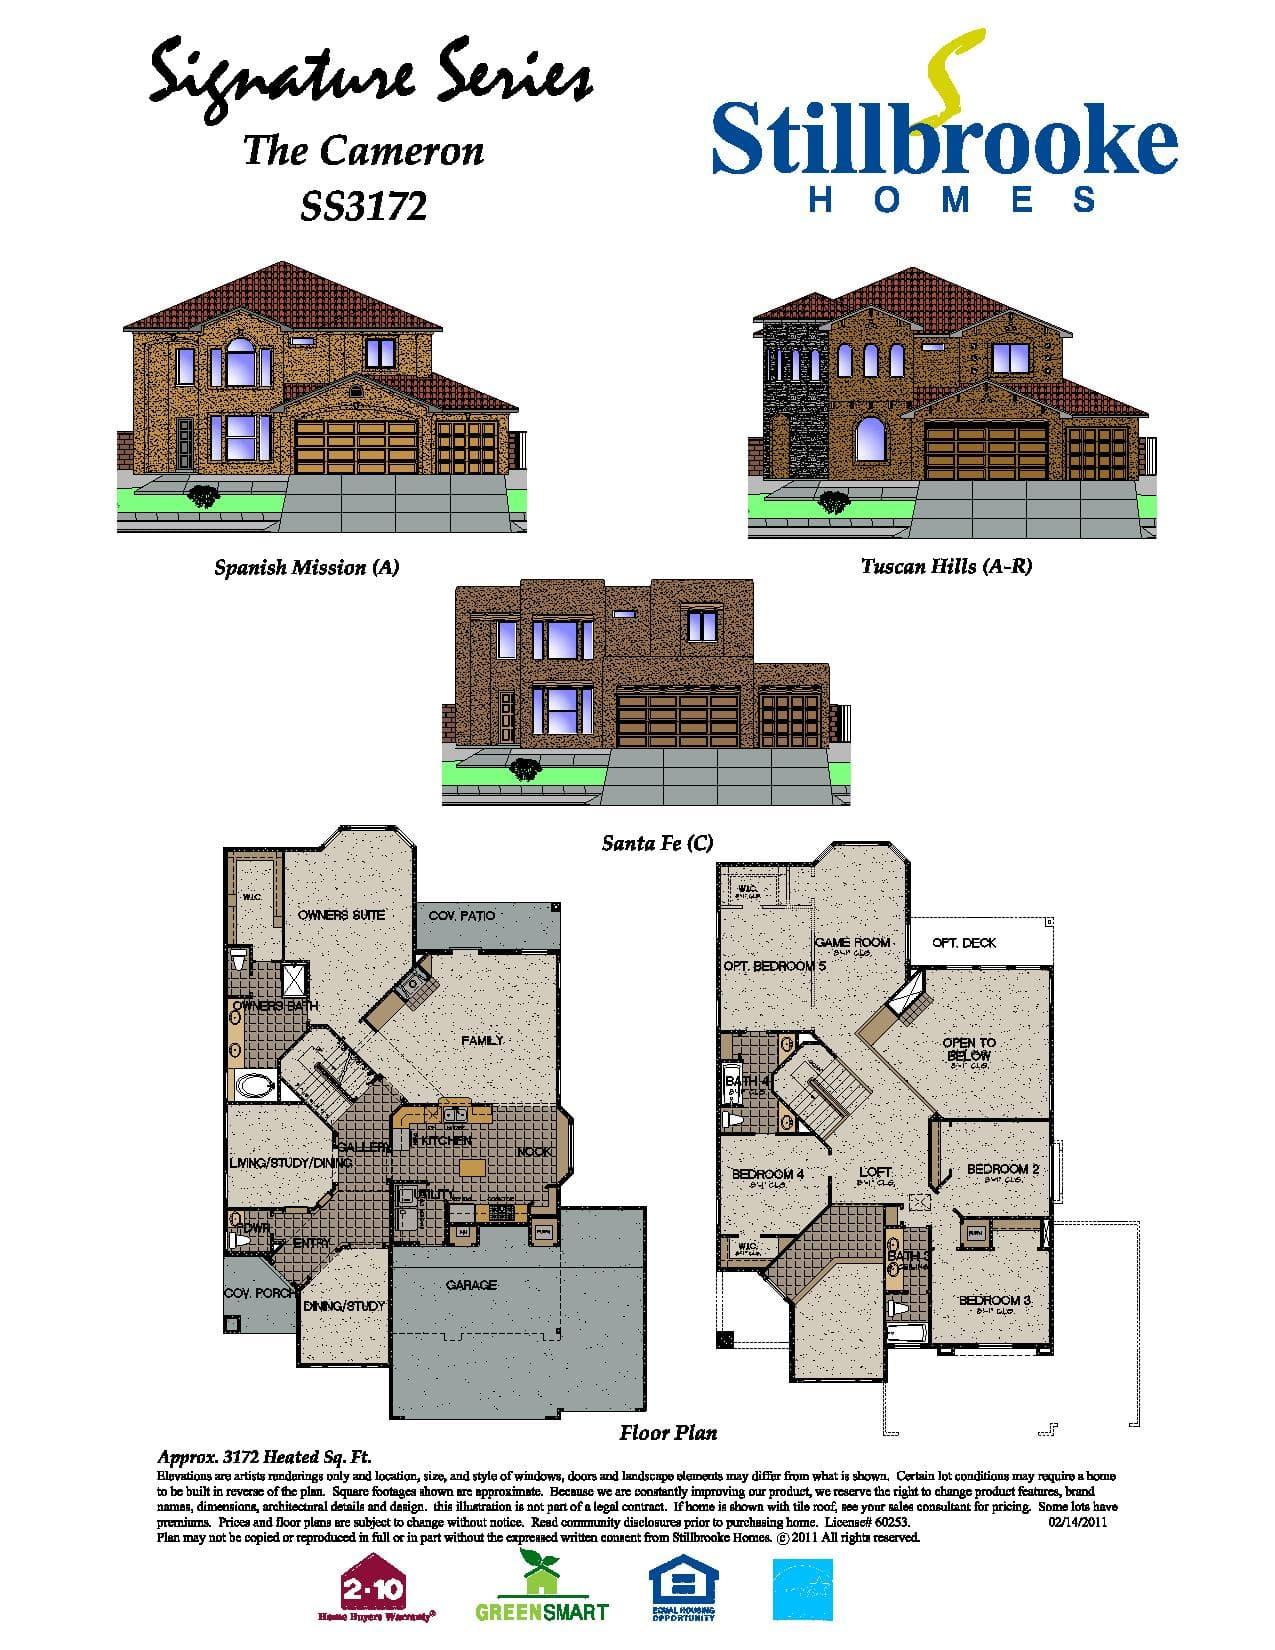 Stillbrooke Homes